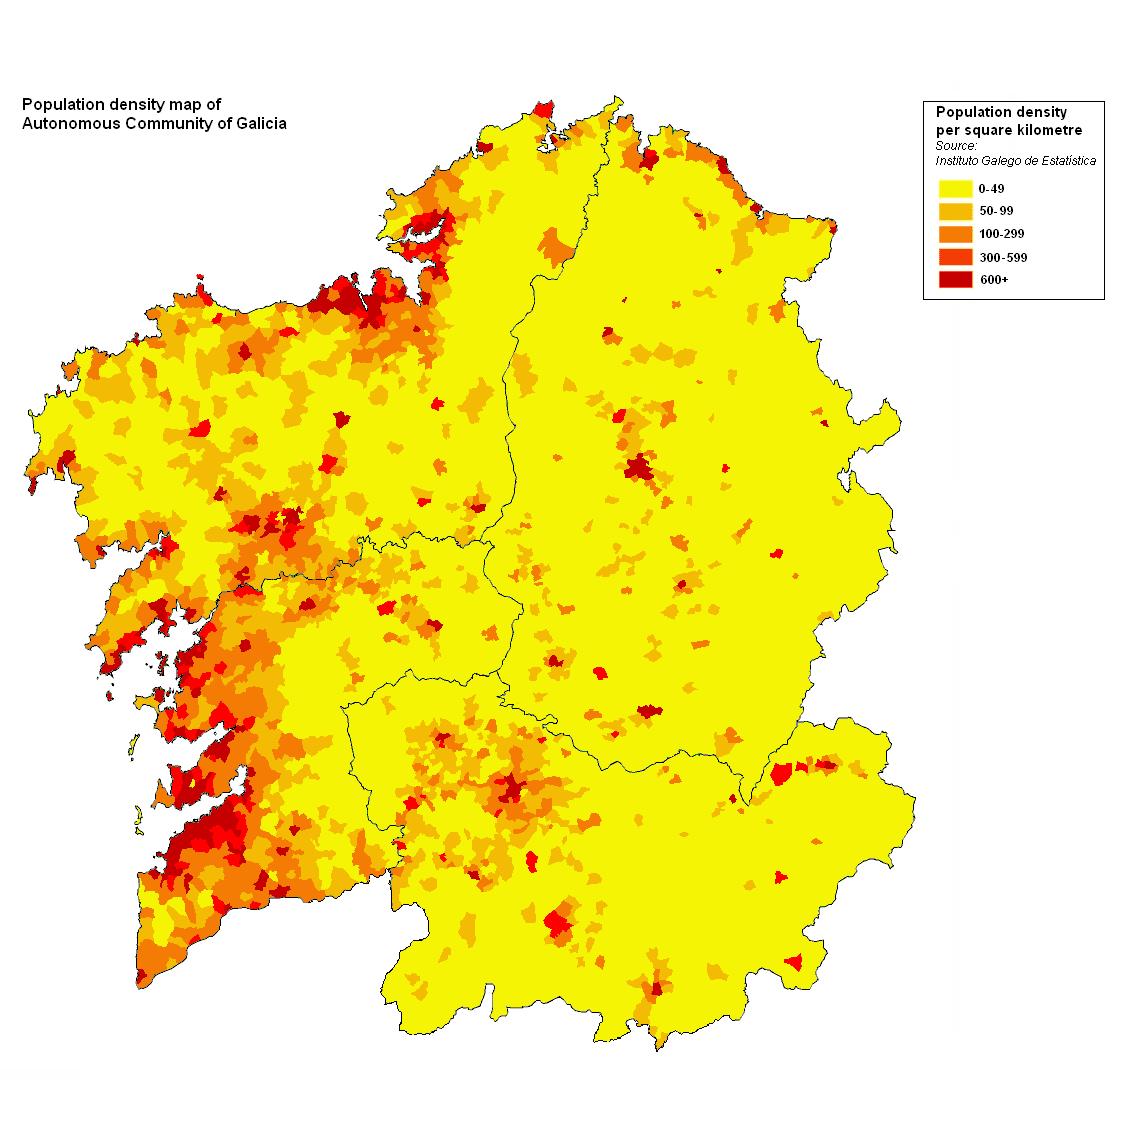 Mapa de Densidad de población de Galicia 2008